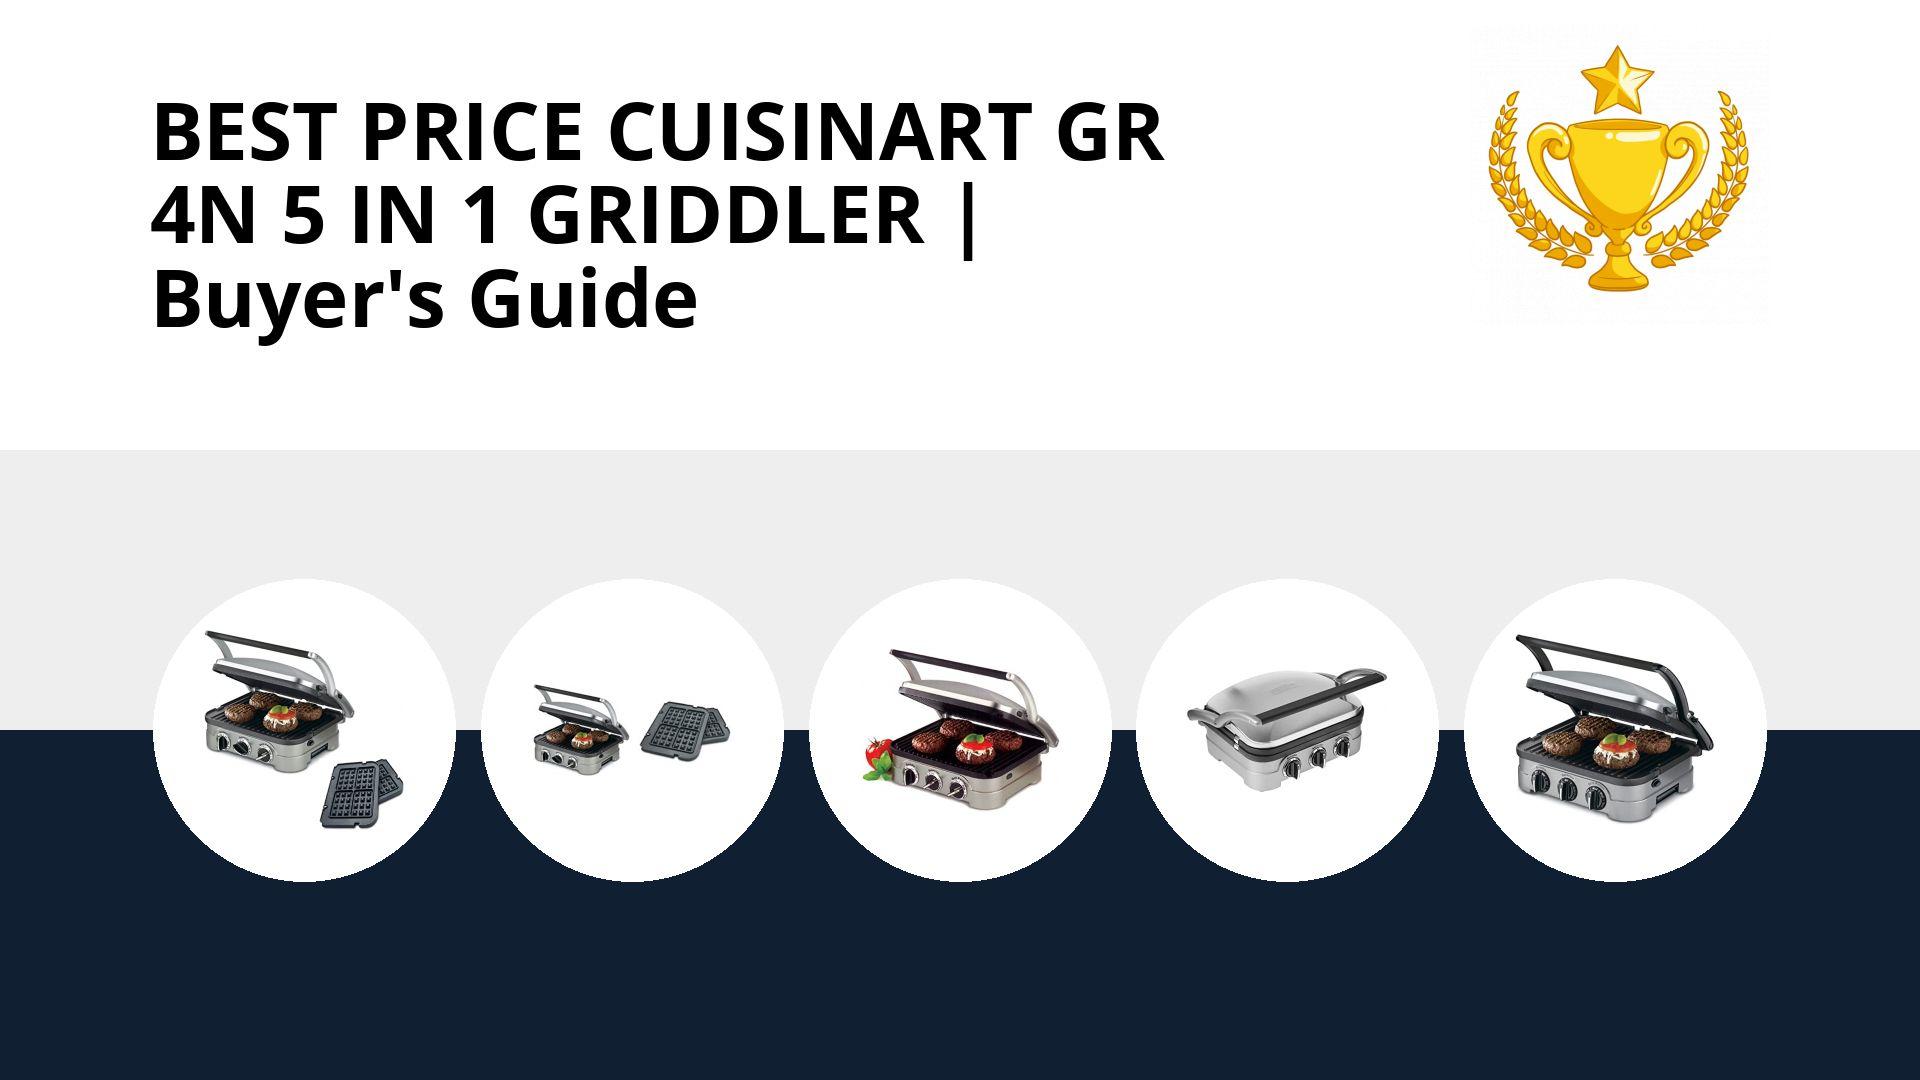 Best Price Cuisinart Gr 4n 5 In 1 Griddler: image